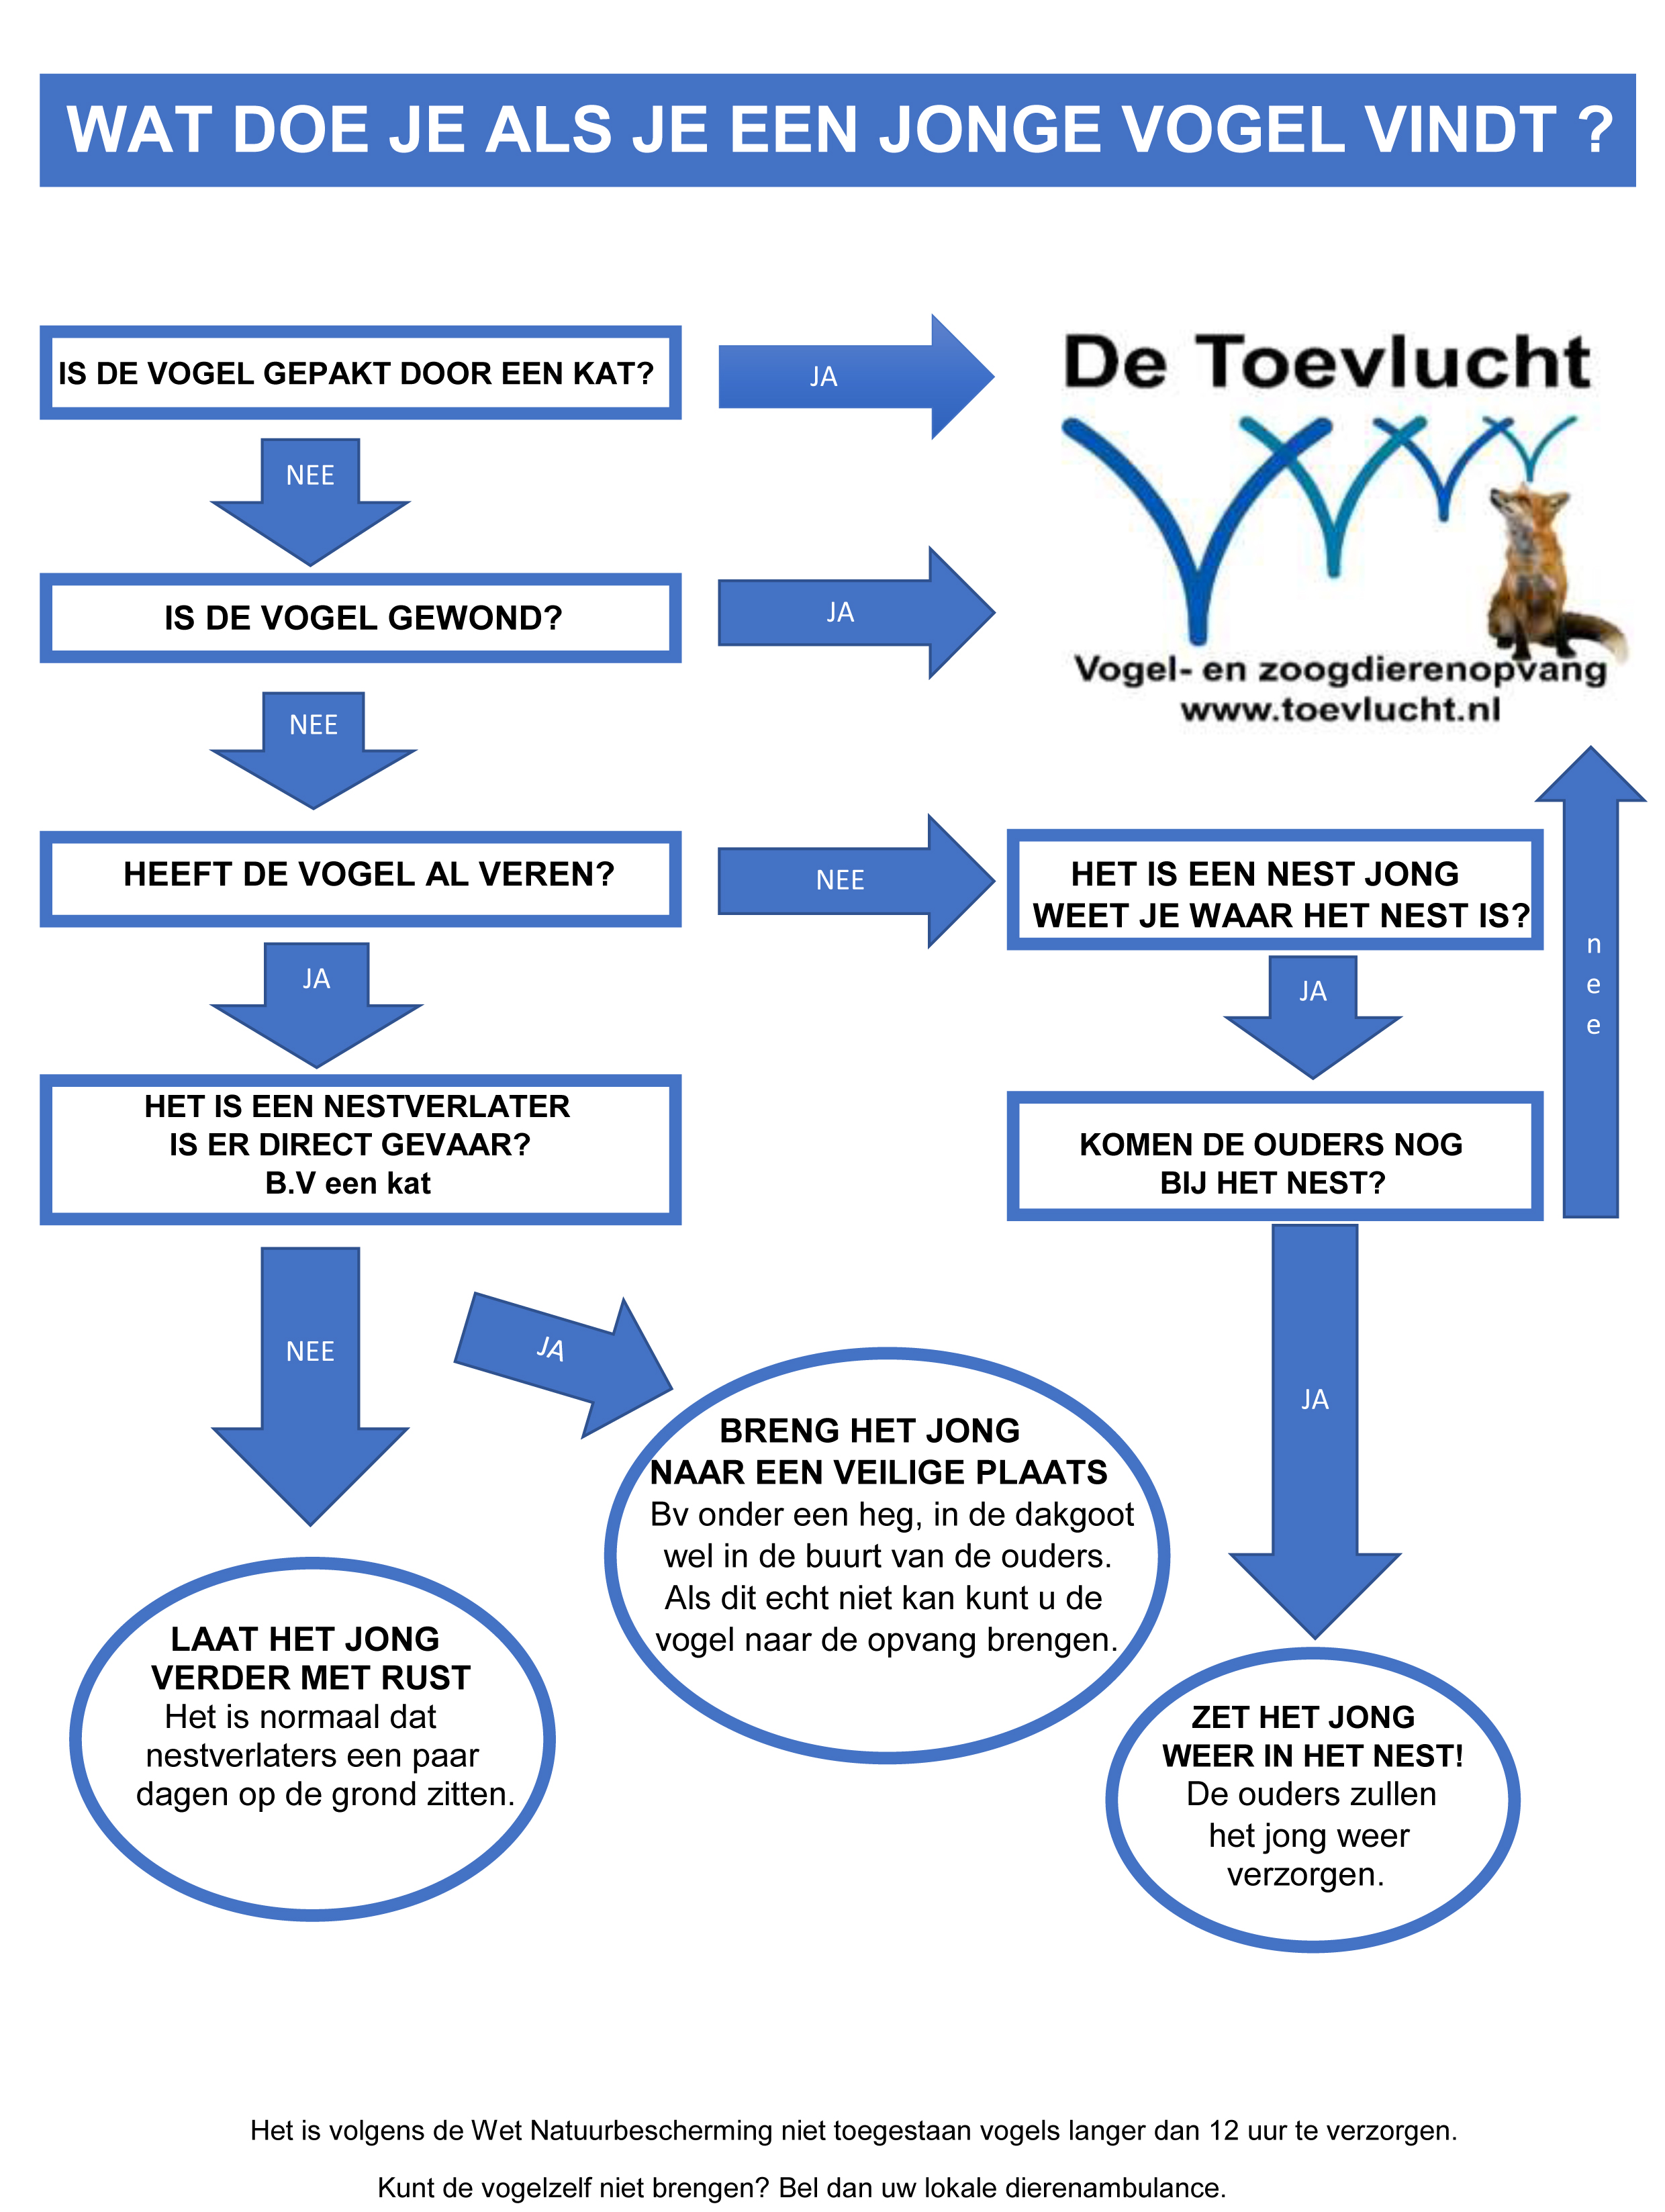 Stroomdiagram vogelopvang - Wat doe je als je een jonge vogel vindt?